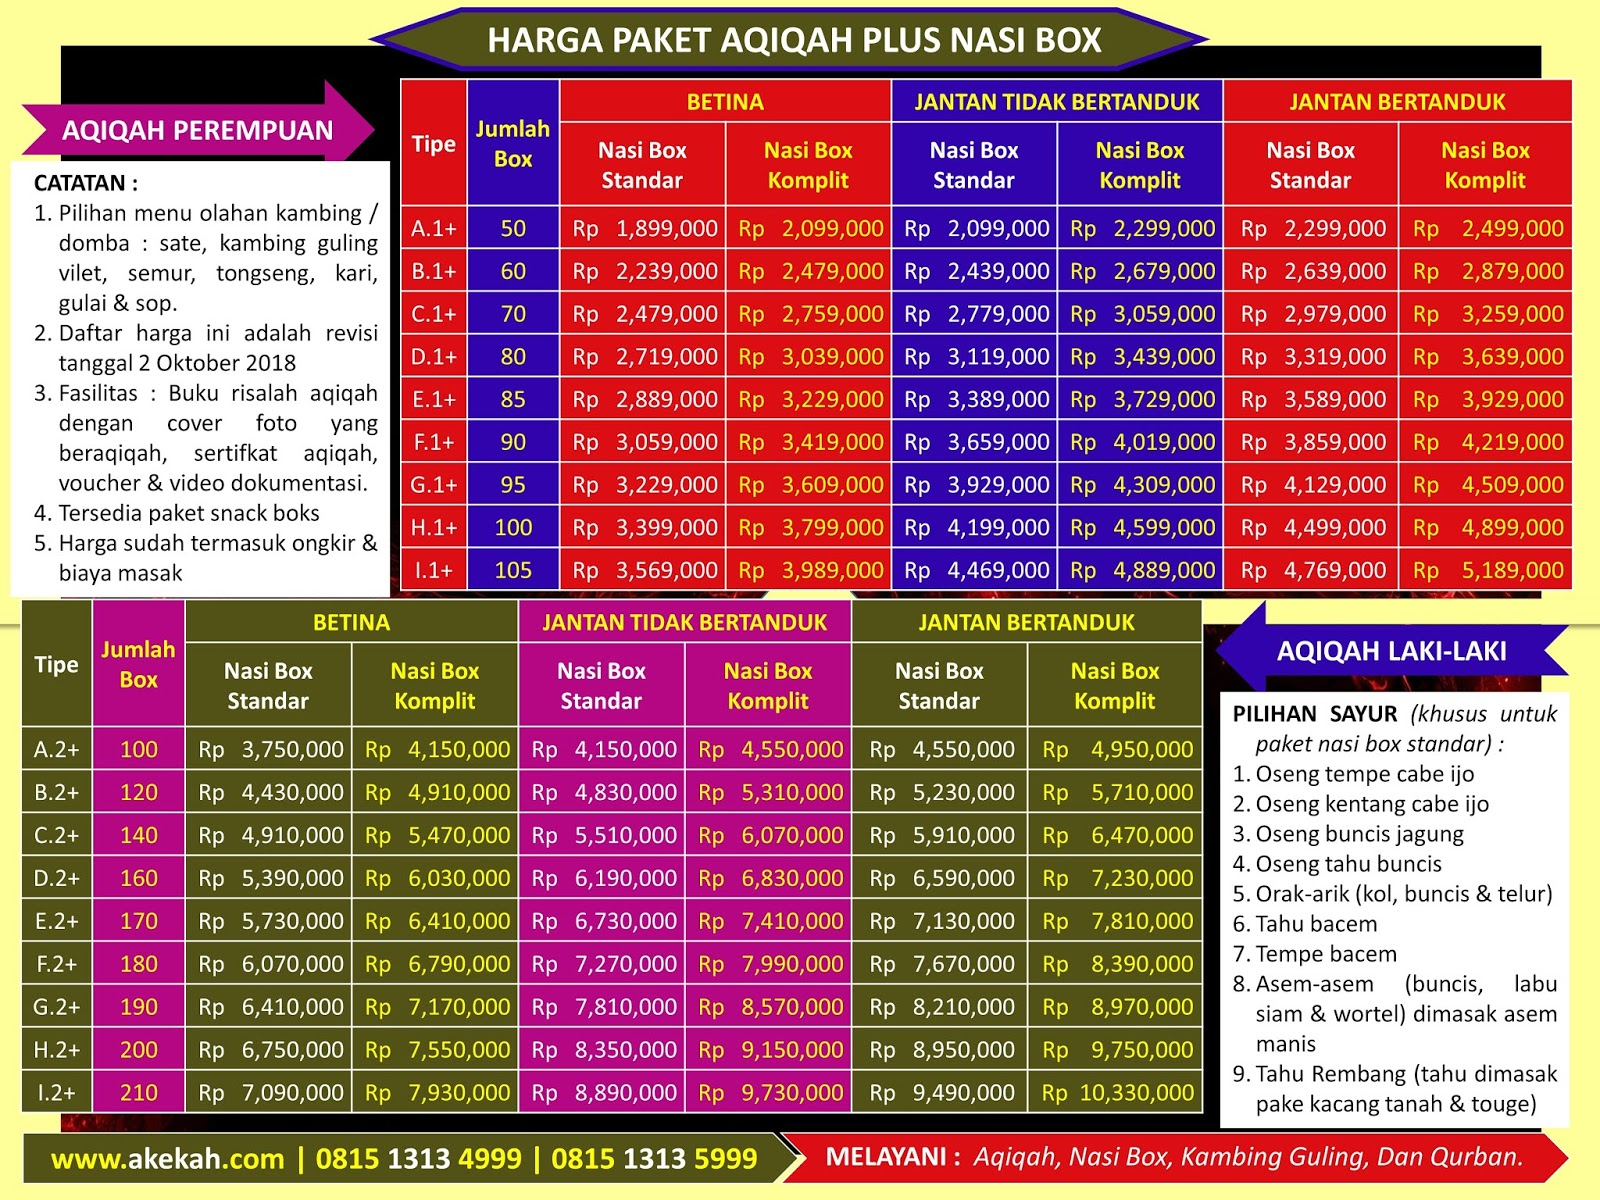 Penyedia Jasa Aqiqah & Catering Untuk Anak Laki-Laki Wilayah Bogor